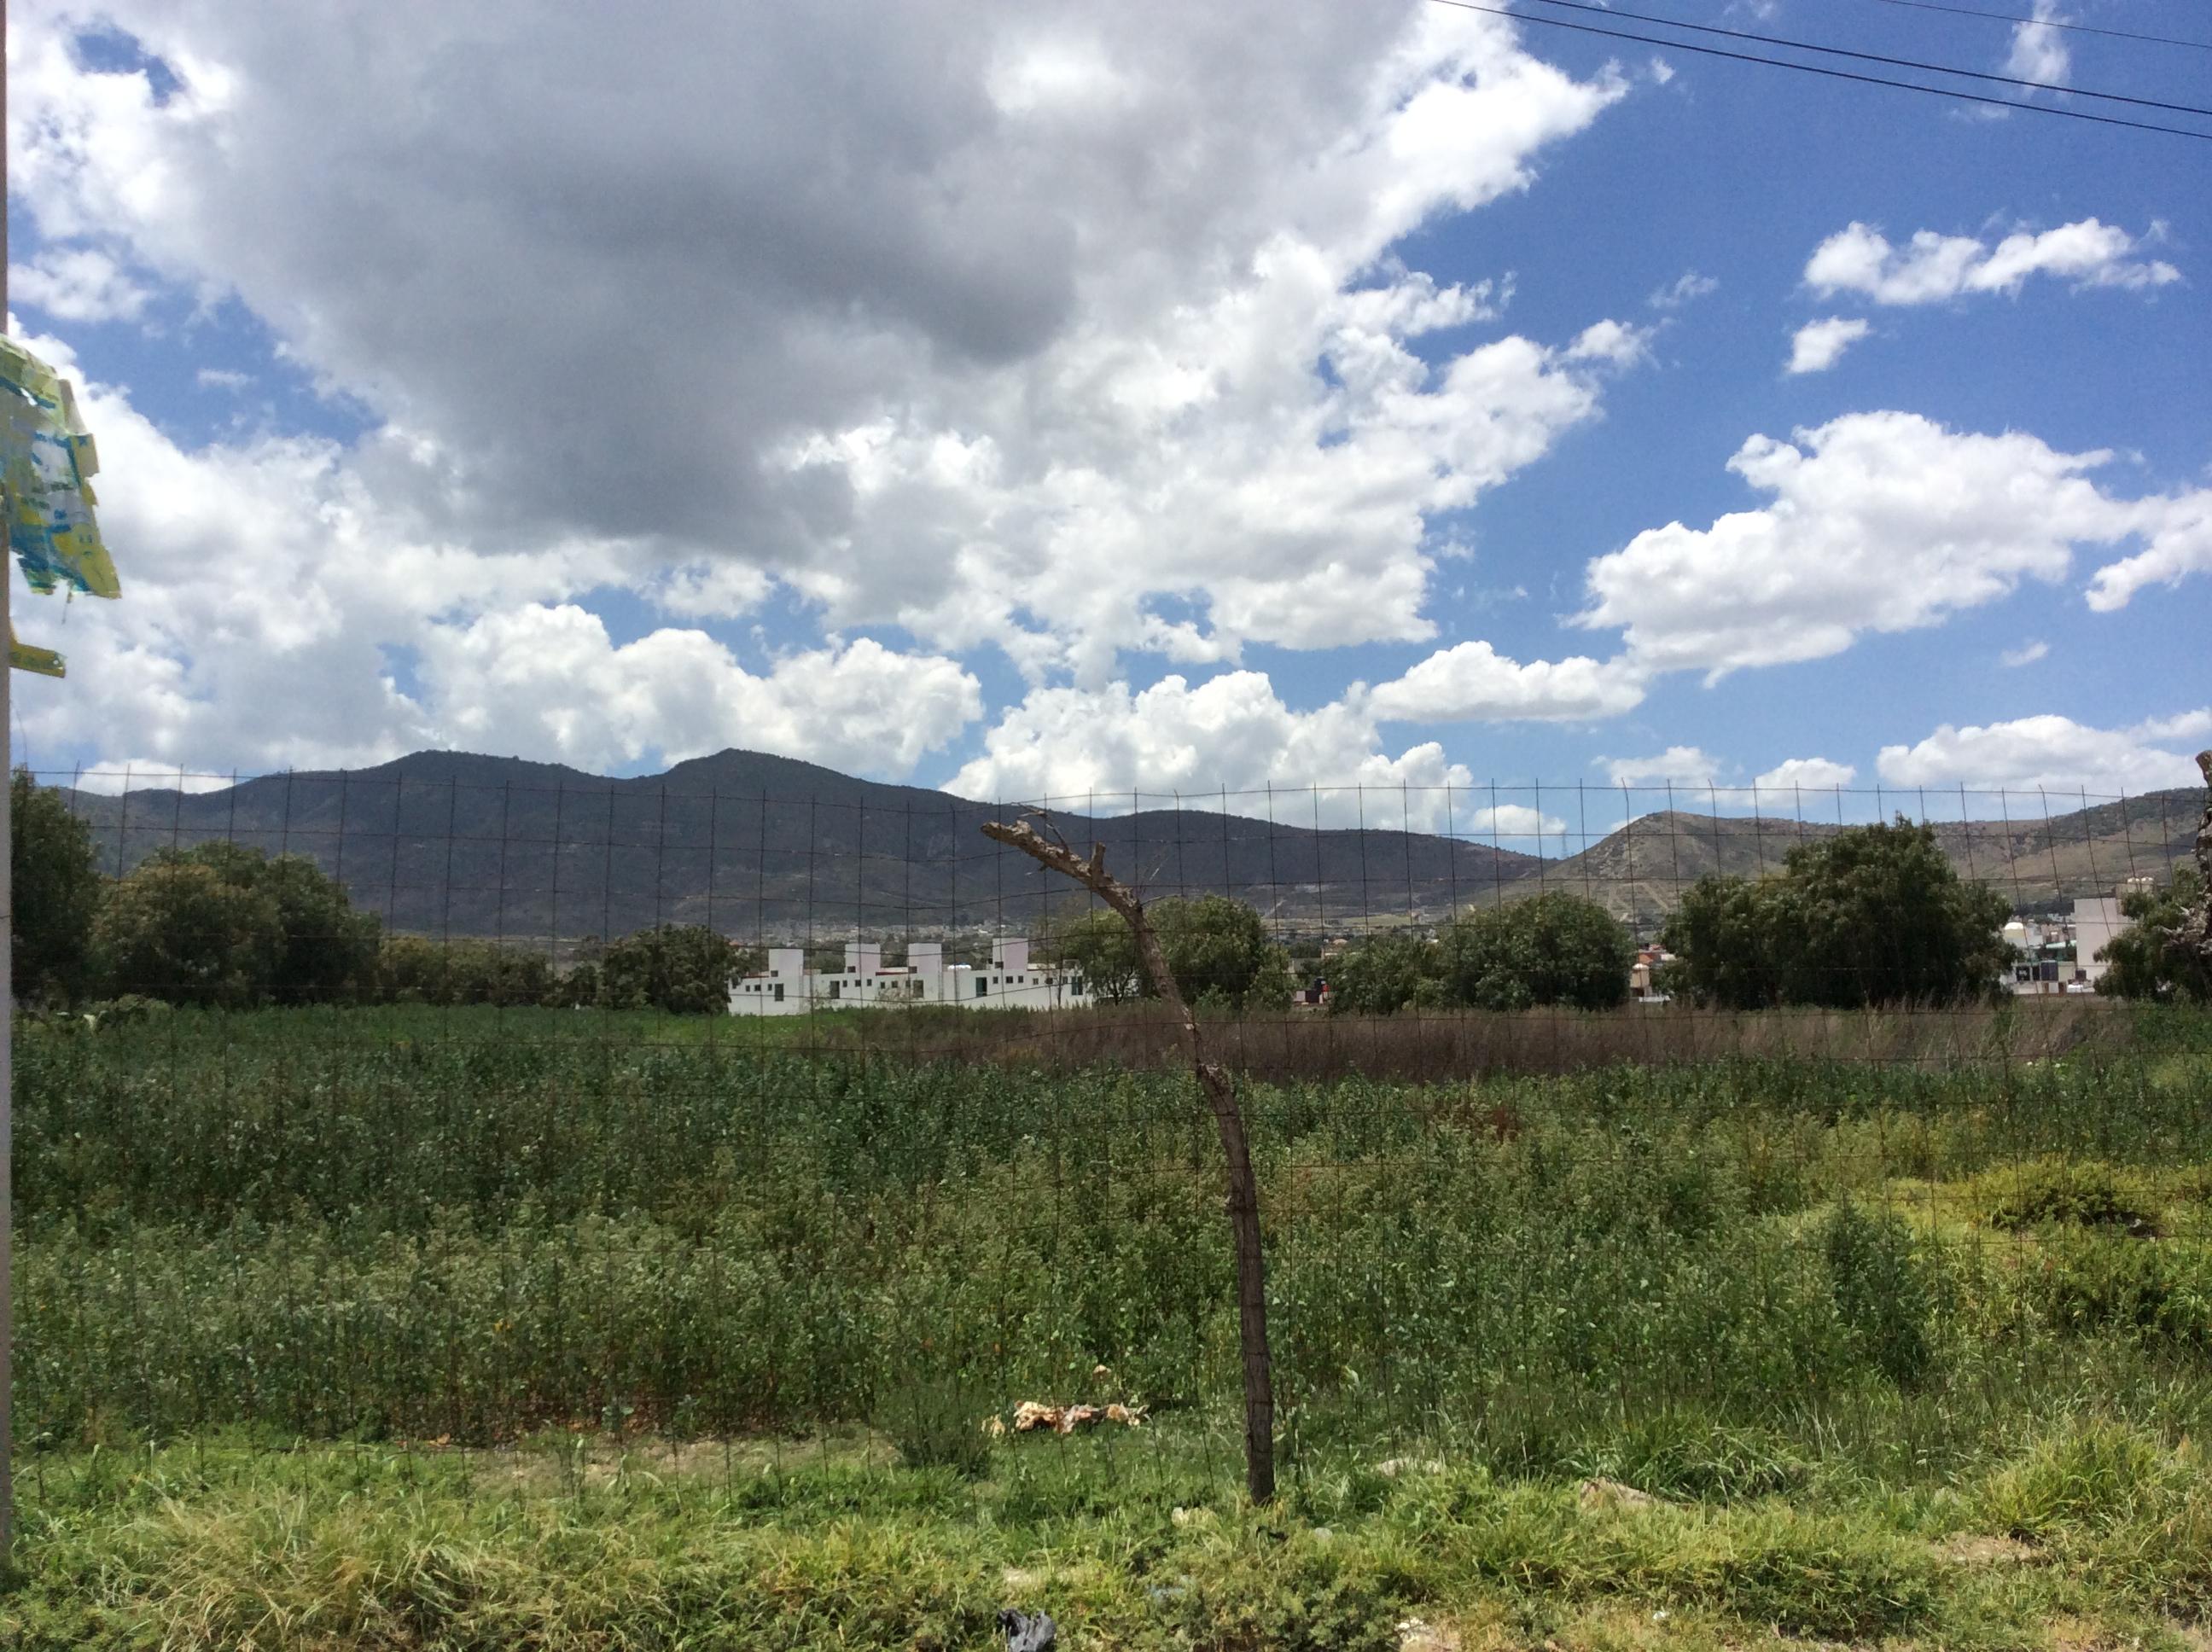 Terreno comercial en venta en Mineral de la Reforma, Hidalgo